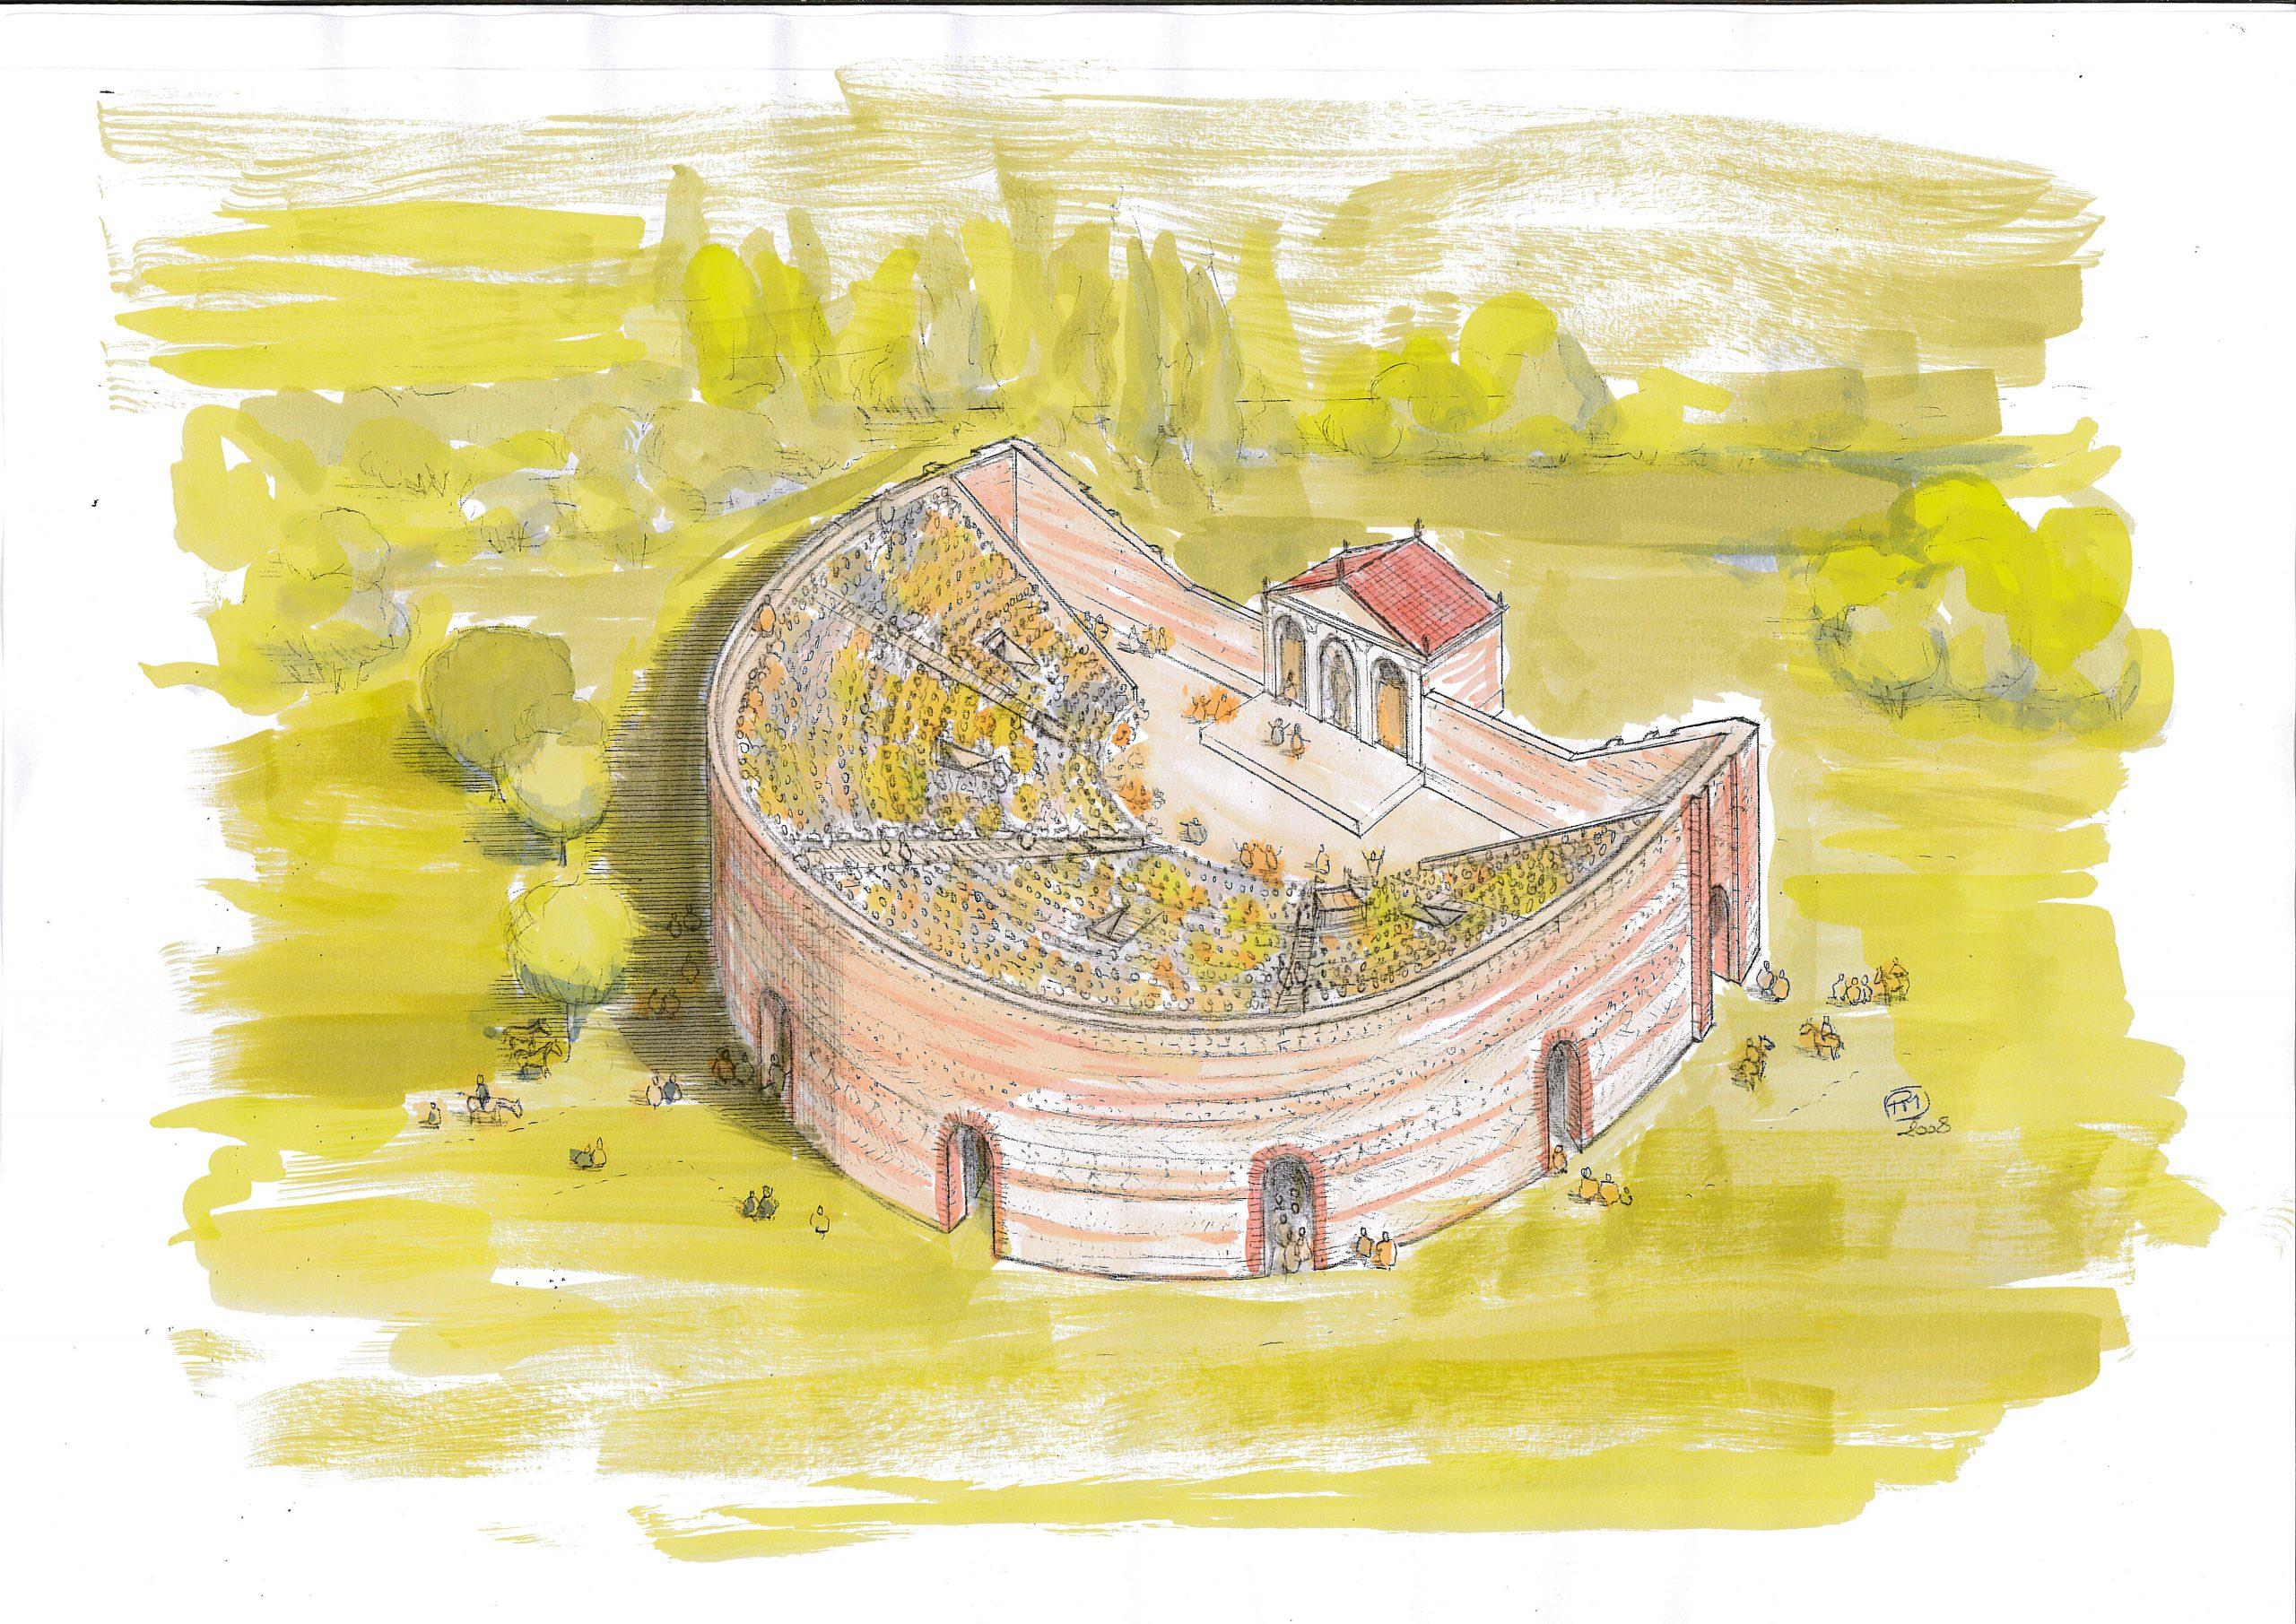 File:dessin Theatre C - Wikimedia Commons destiné Dessin Theatre